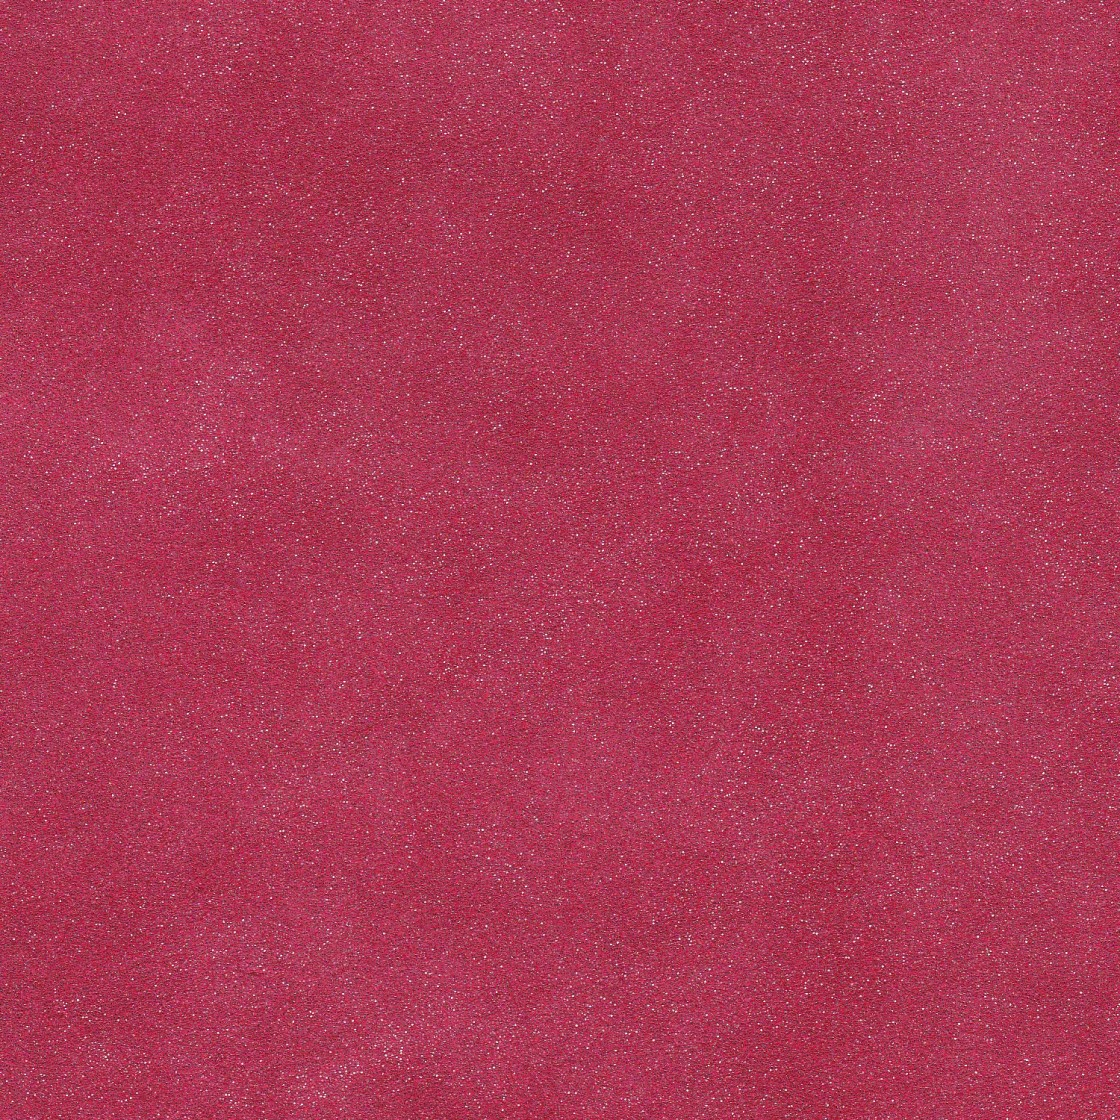 Bacara 12/14 - Velours pailleté, 5 coloris